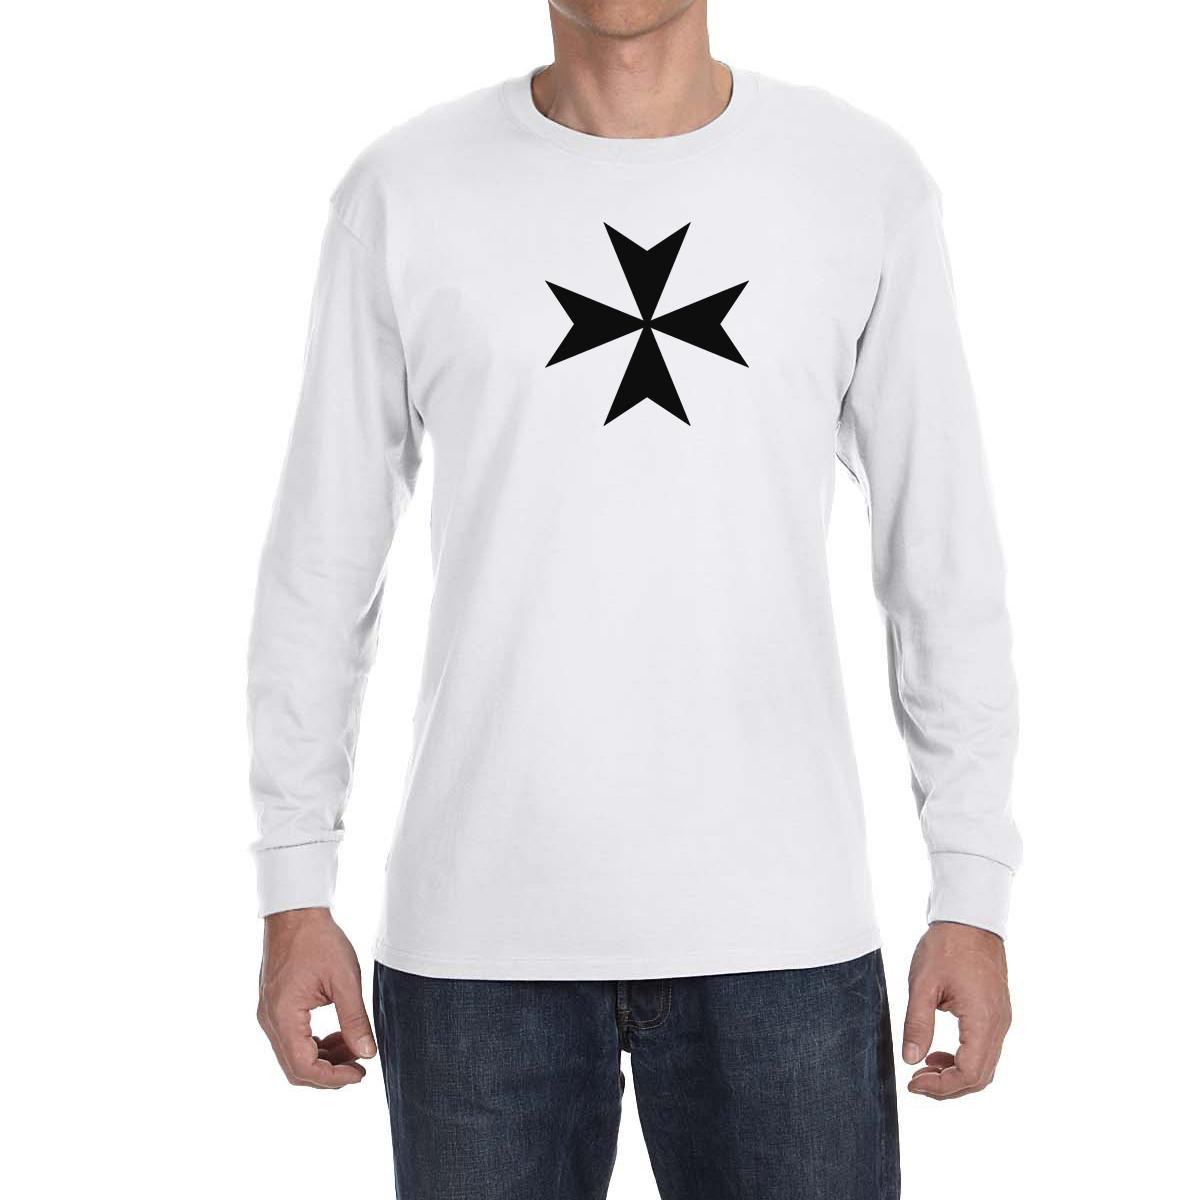 2fe008ad6a Maltese Cross Long Sleeve T-Shirt